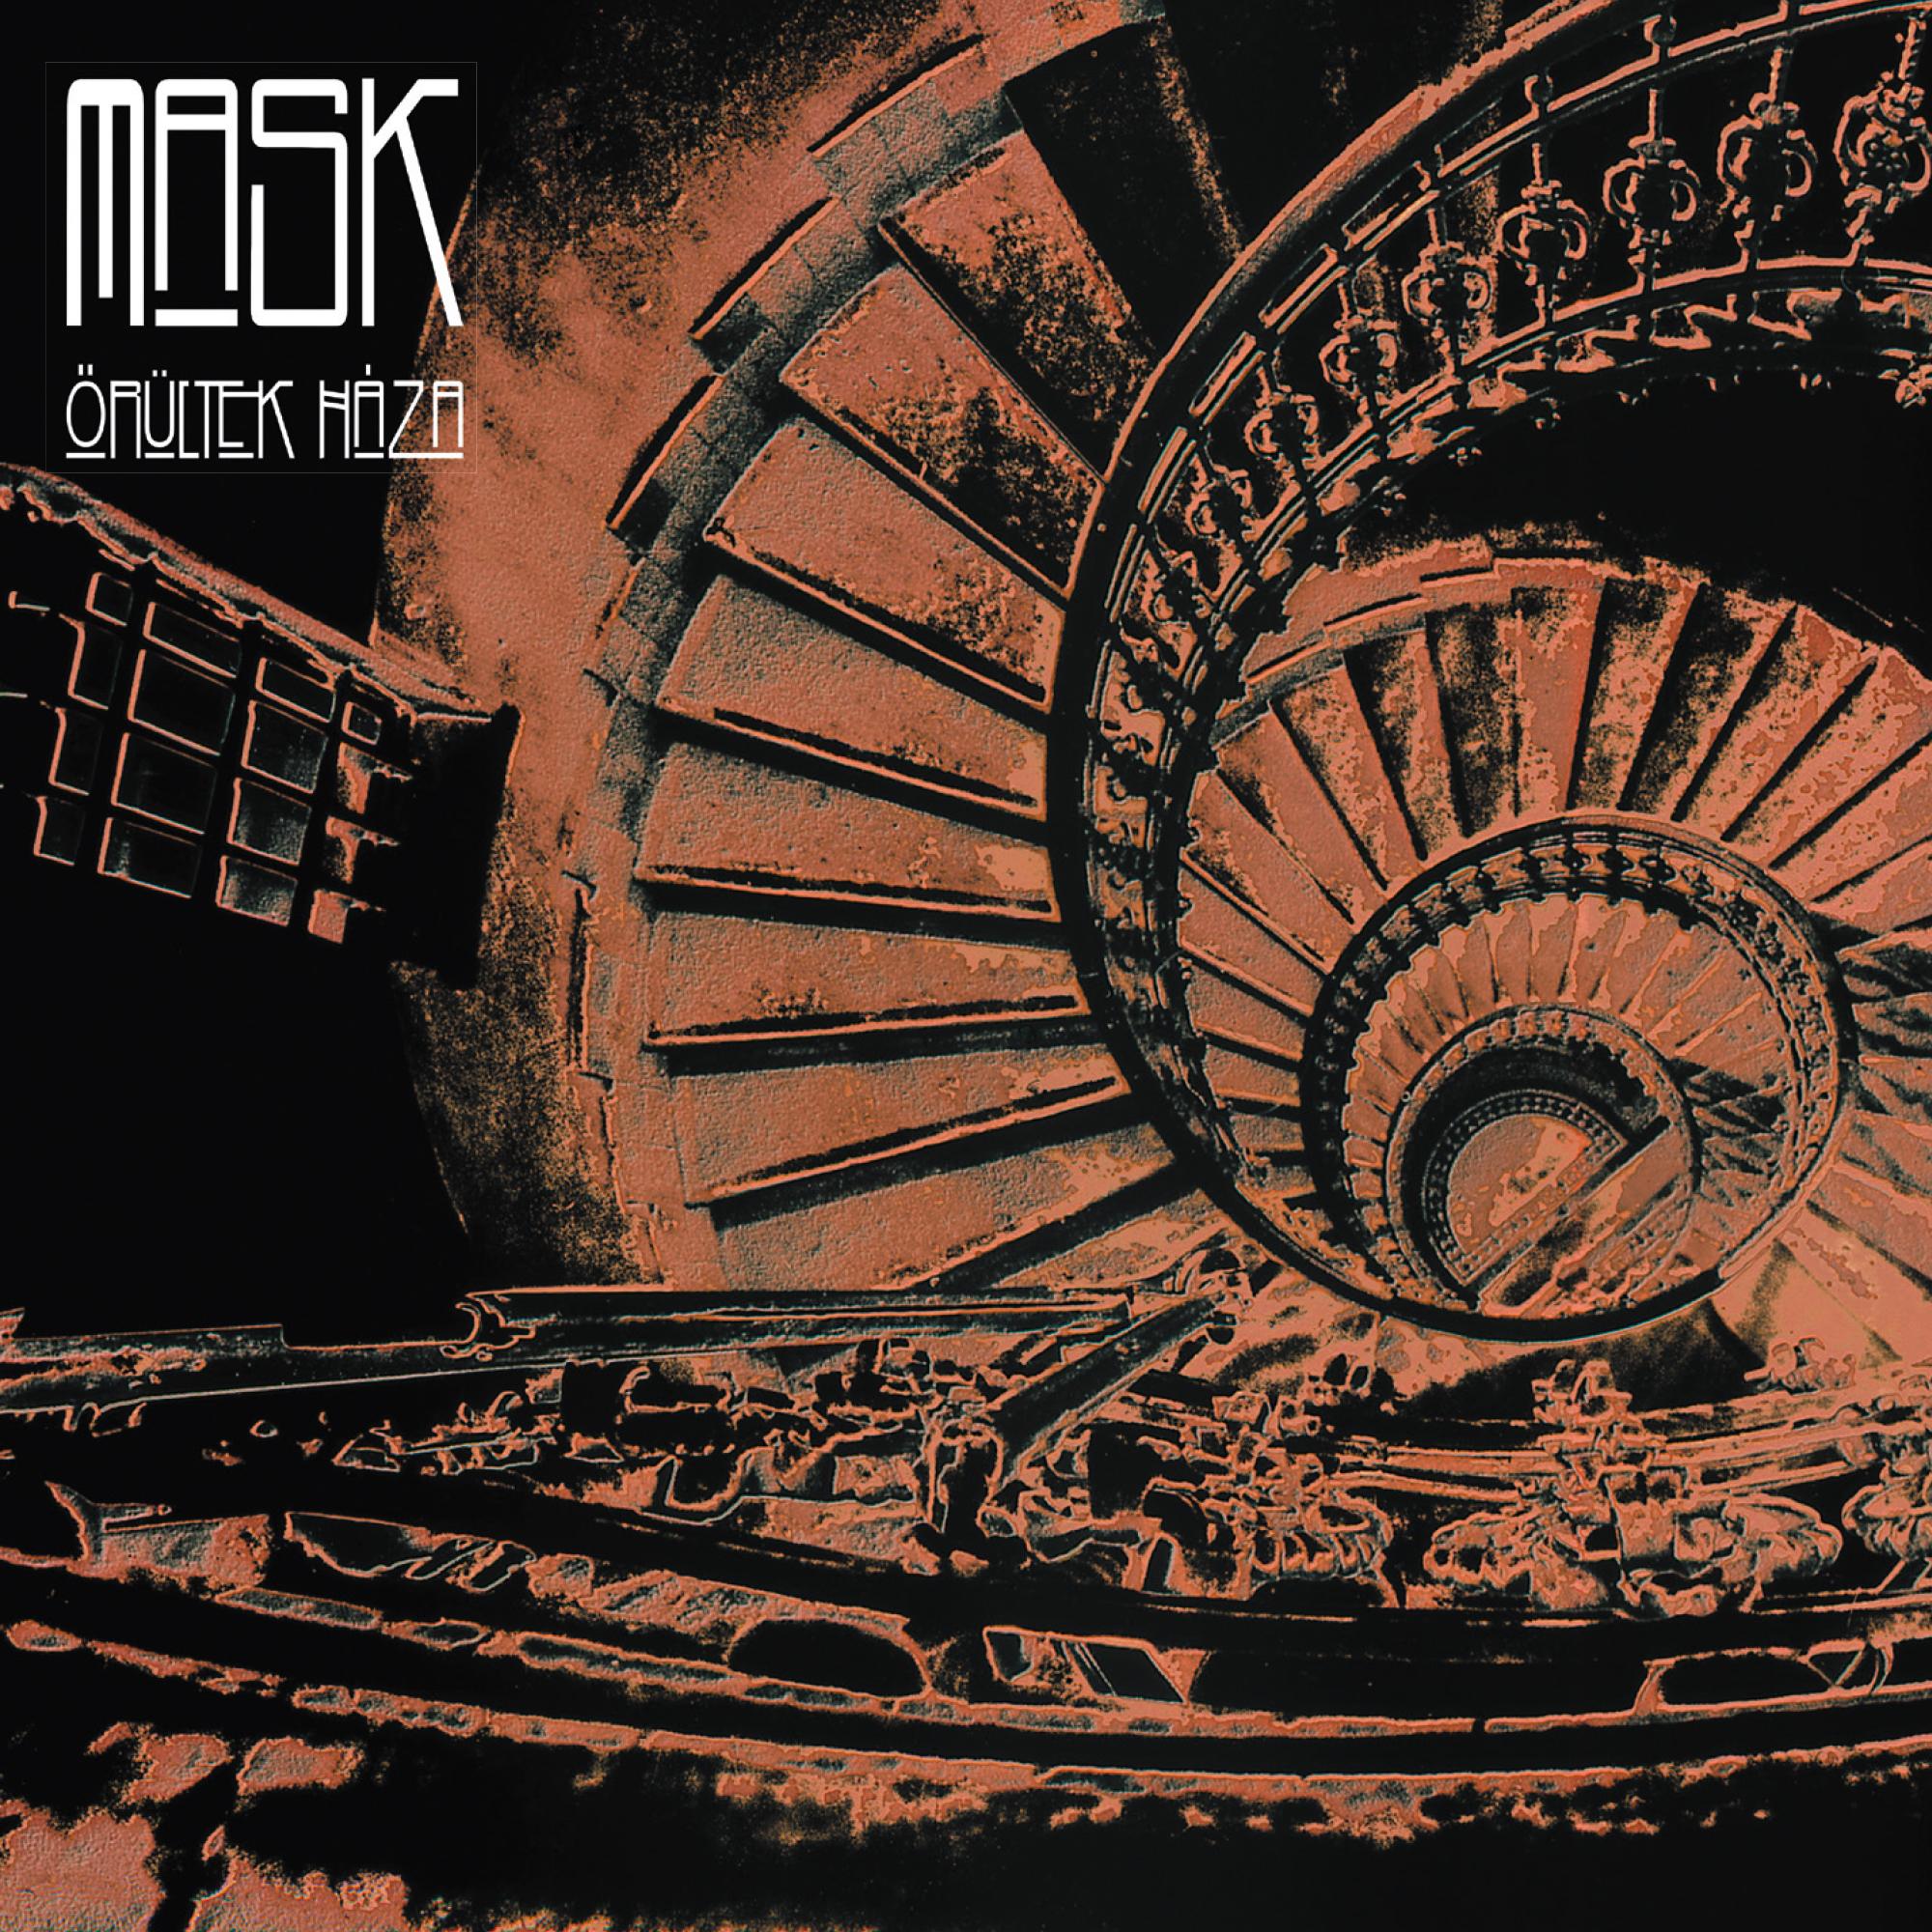 mask_orultek_haza_cd_cover_2000.jpg